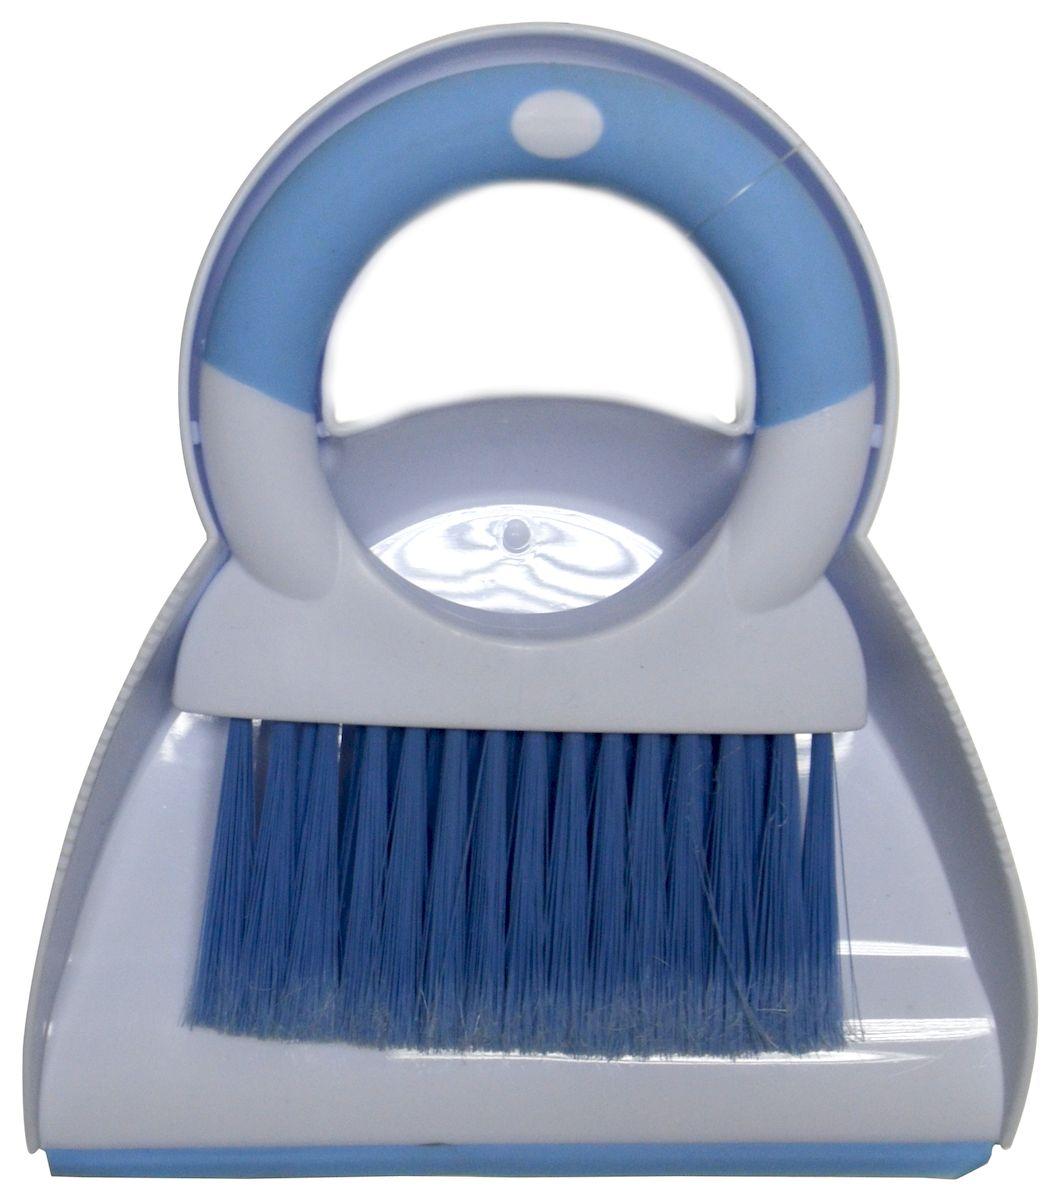 Набор для уборки Коллекция: щетка-сметка, совок. ATP-2ATP-2Набор для уборки: щетка-сметка и совок